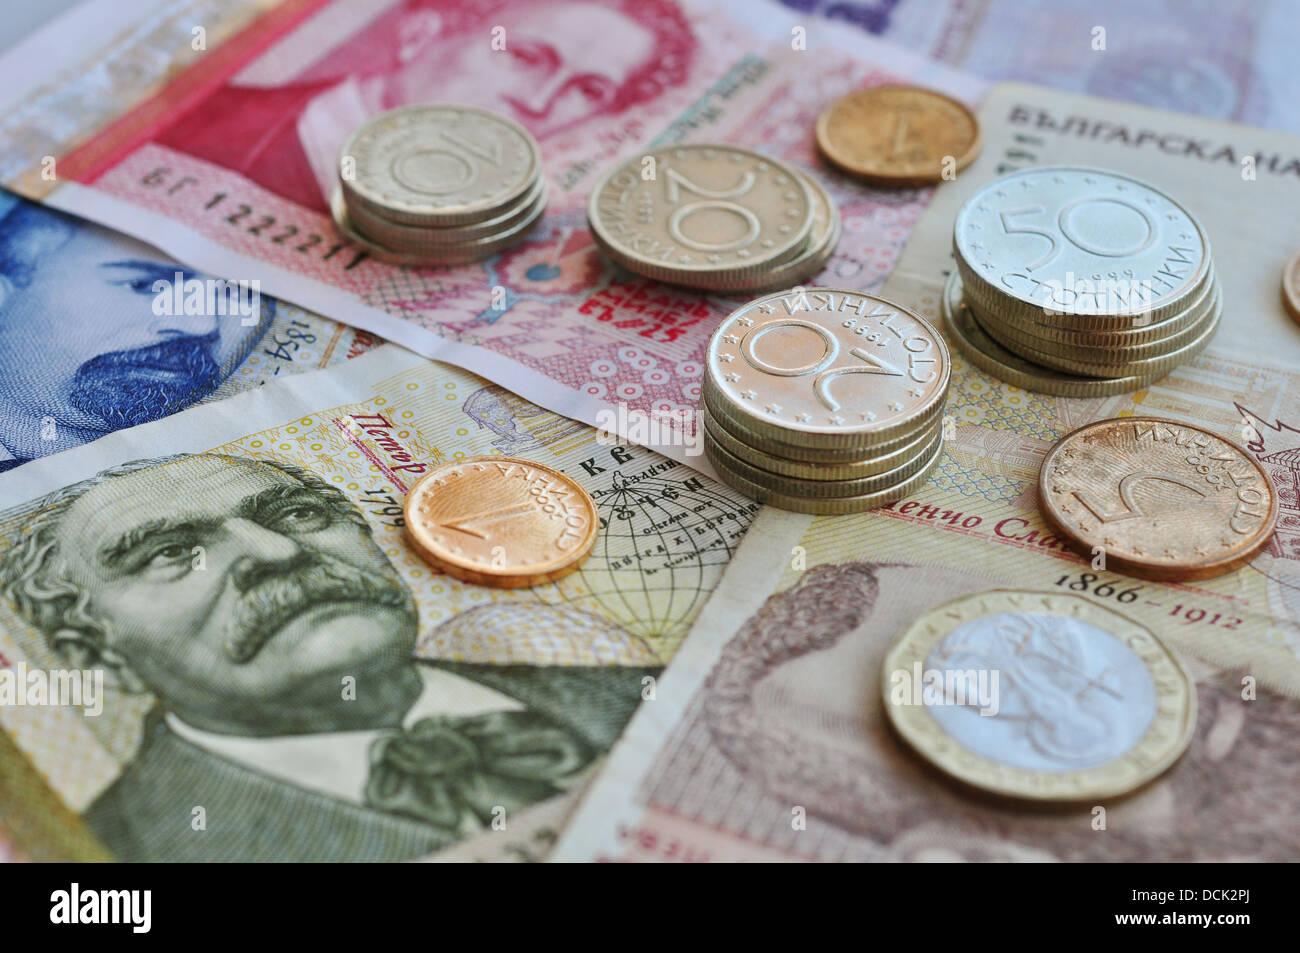 Bulgarische Geld Hautnah Flachen Dof Münzen Im Fokus Stockfoto